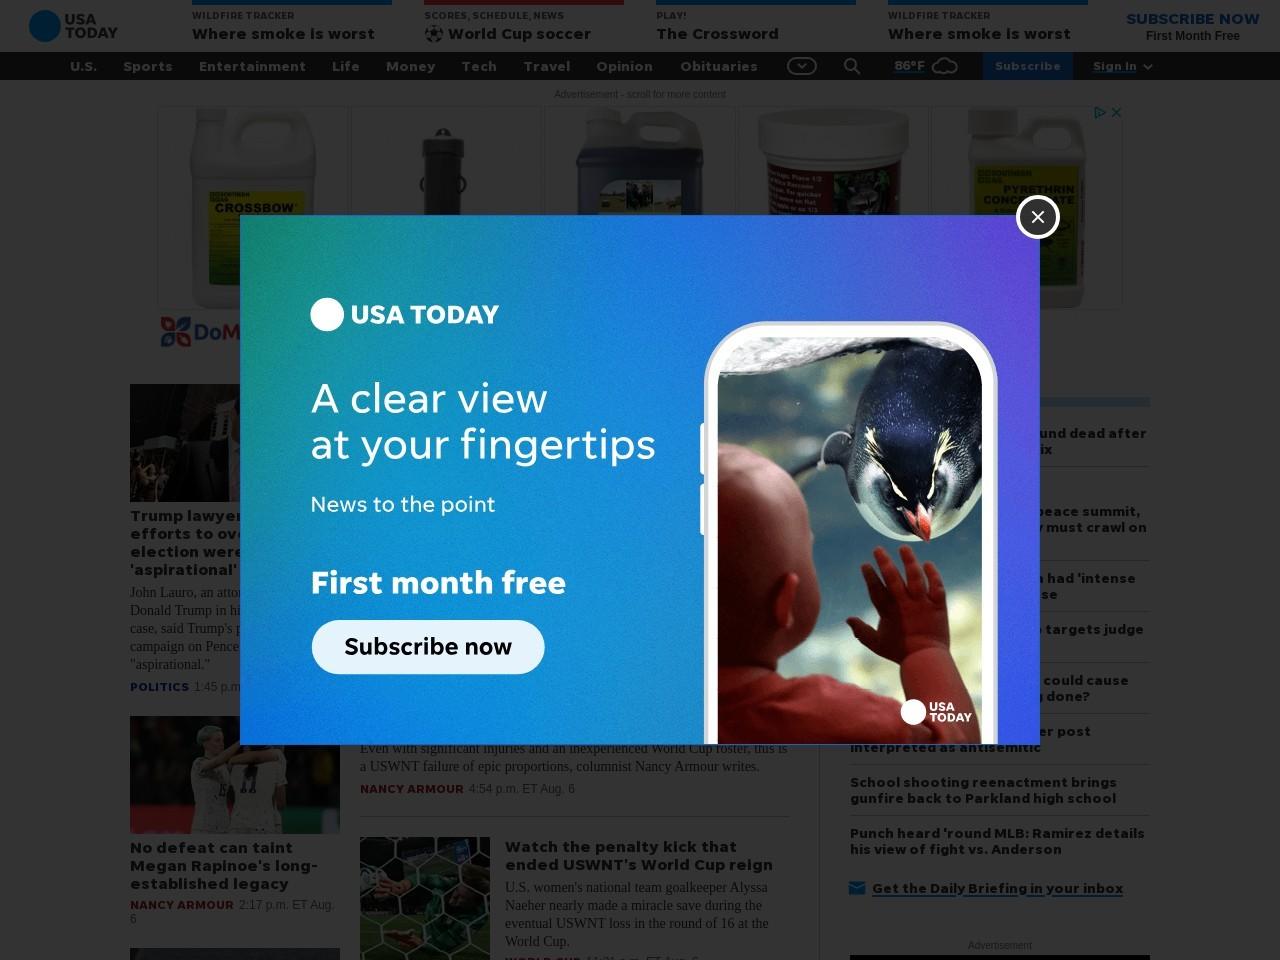 usatoday.com